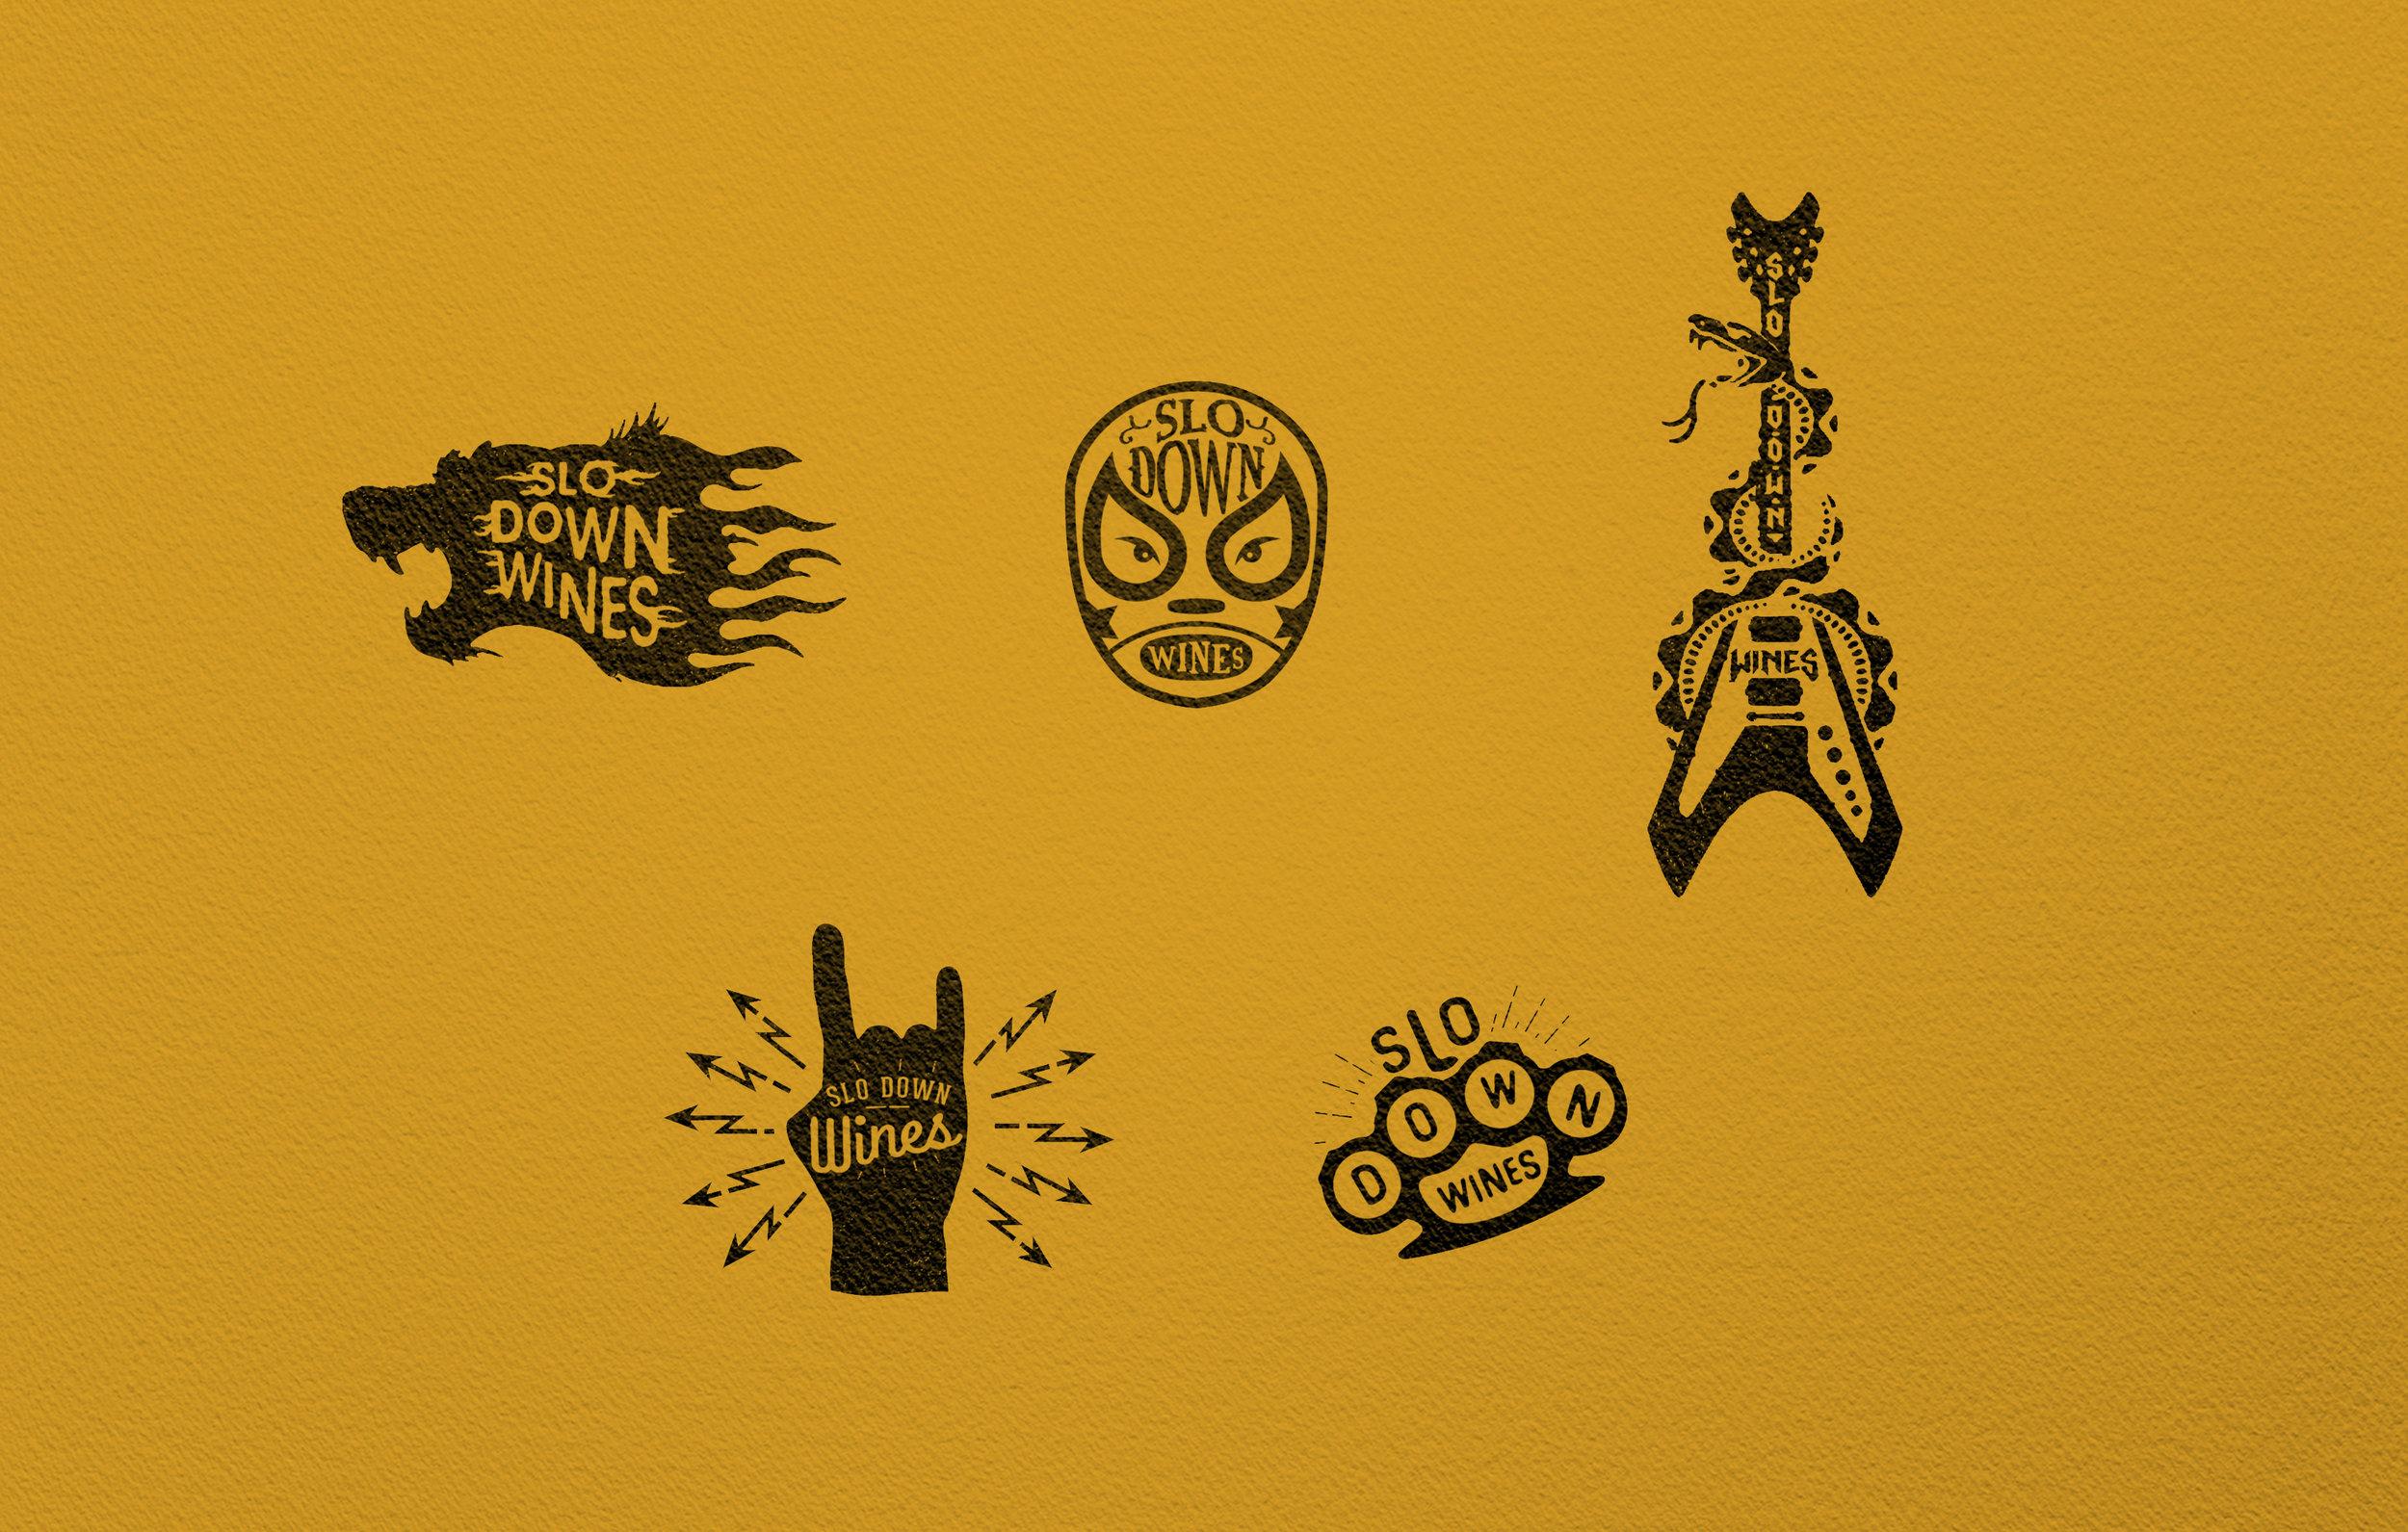 Logos_SloDownWines.jpg